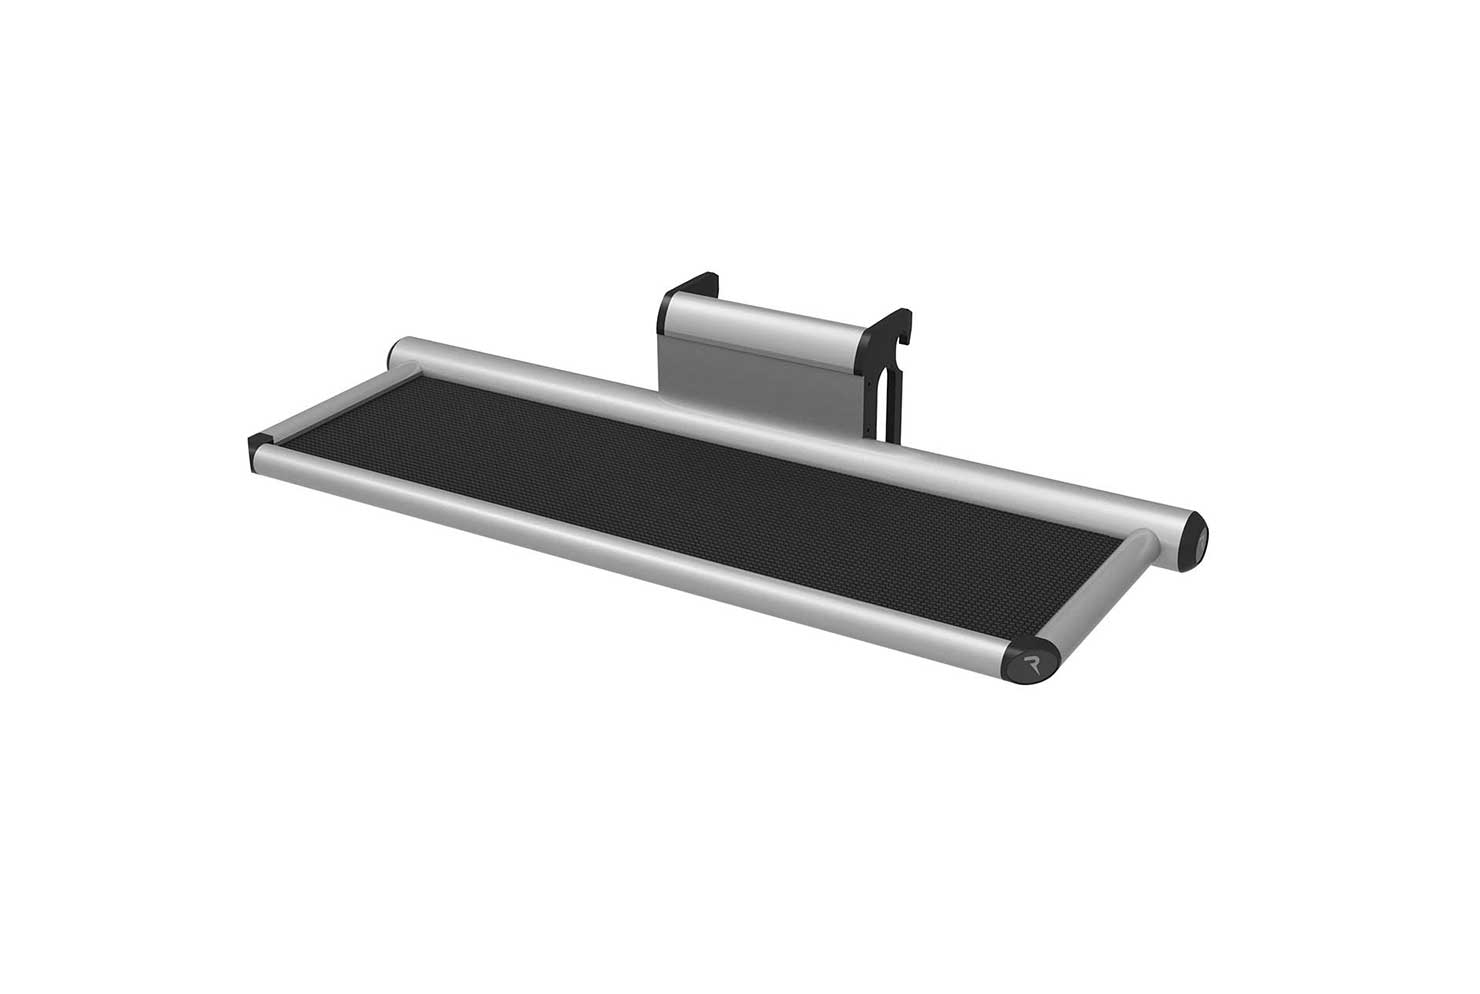 RX1514 Reax Storage Shelf 2 - 145